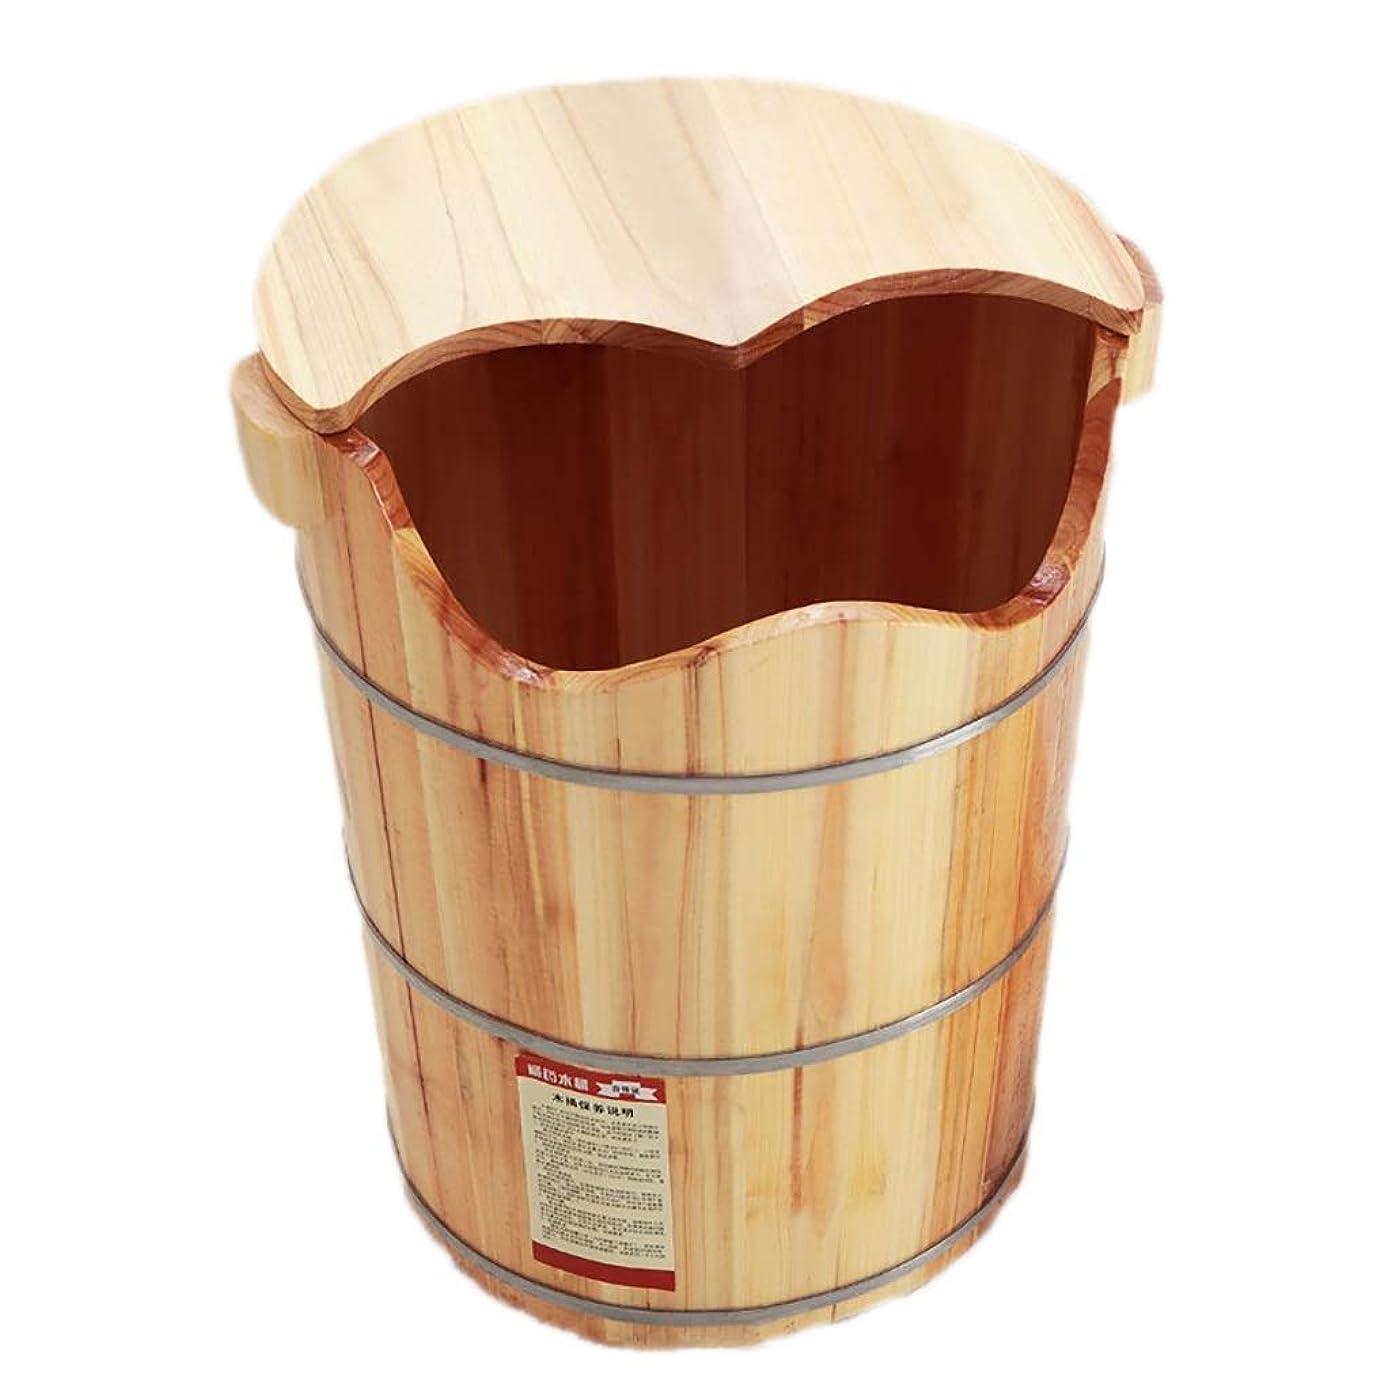 ぼんやりしたあご棚NUBAOgy 家庭用浴槽、足浴槽、木製足湯、ペディキュアベイスン、純木製フット浴槽、マッサージペディキュアバケット、ふたを高くして、50 * 40 * 28 cm (色 : A)